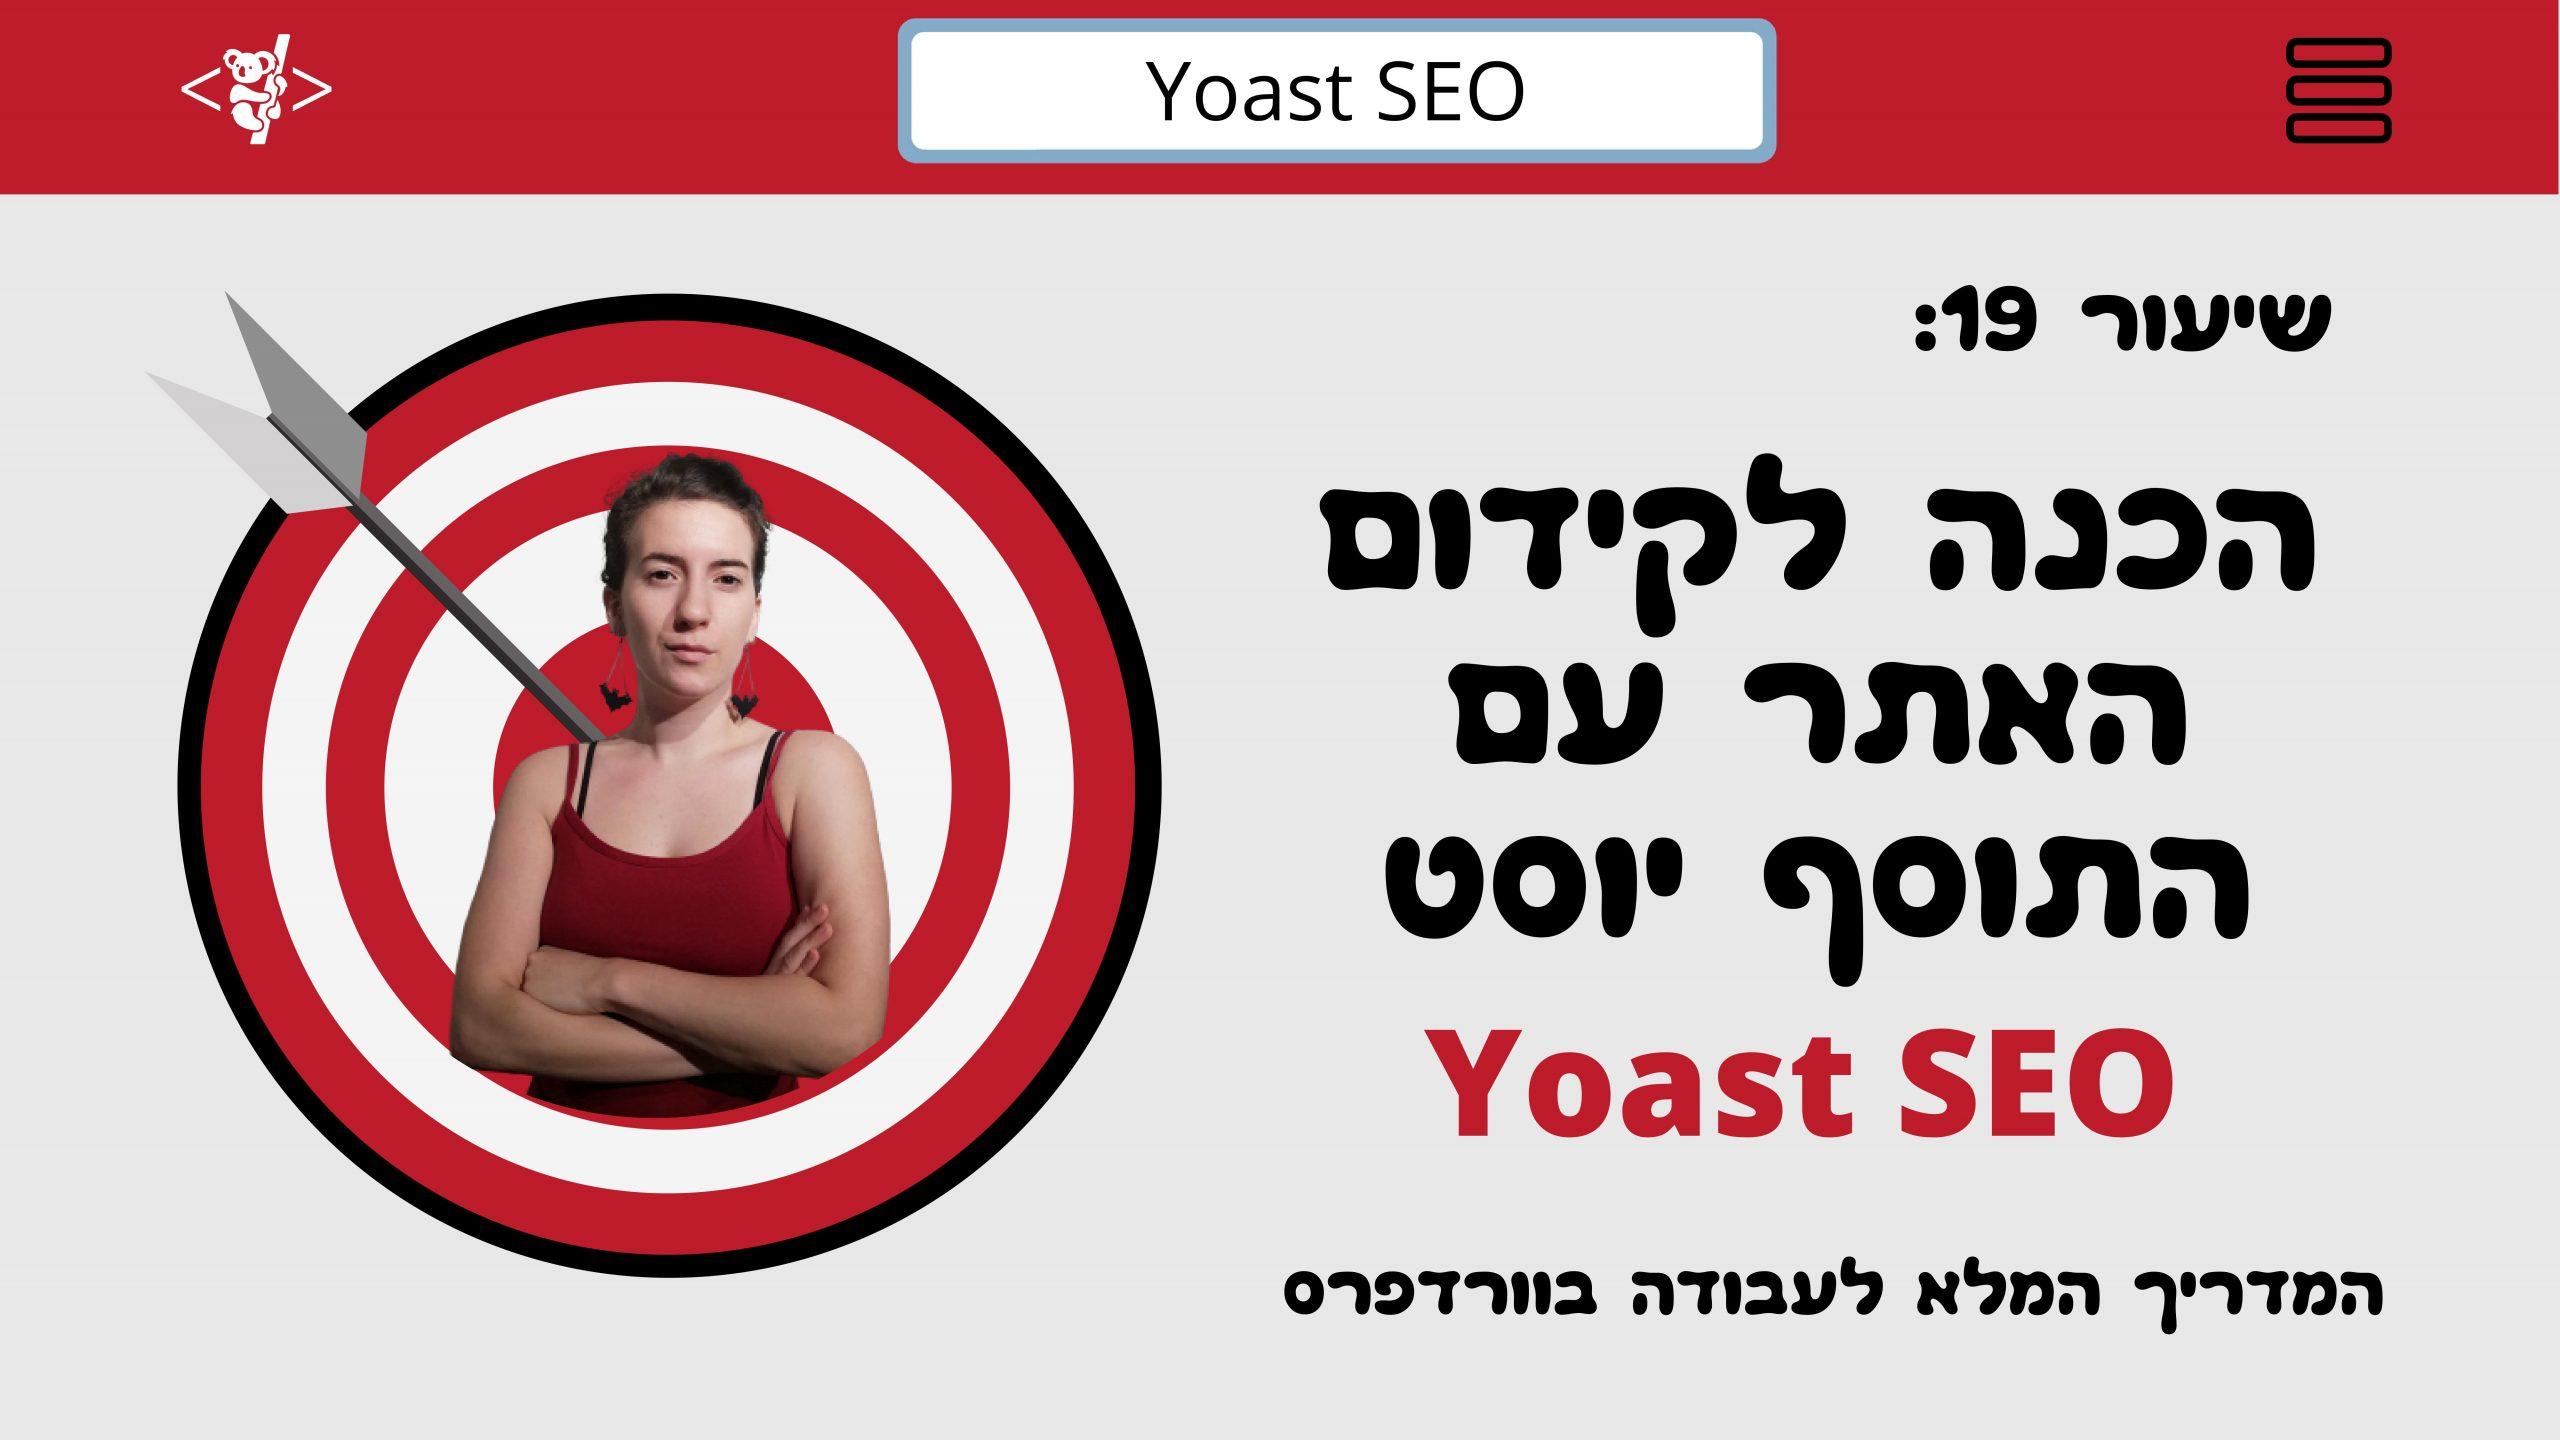 תוסף יוסט - YOAST SEO, איך לעבוד עם יוסט